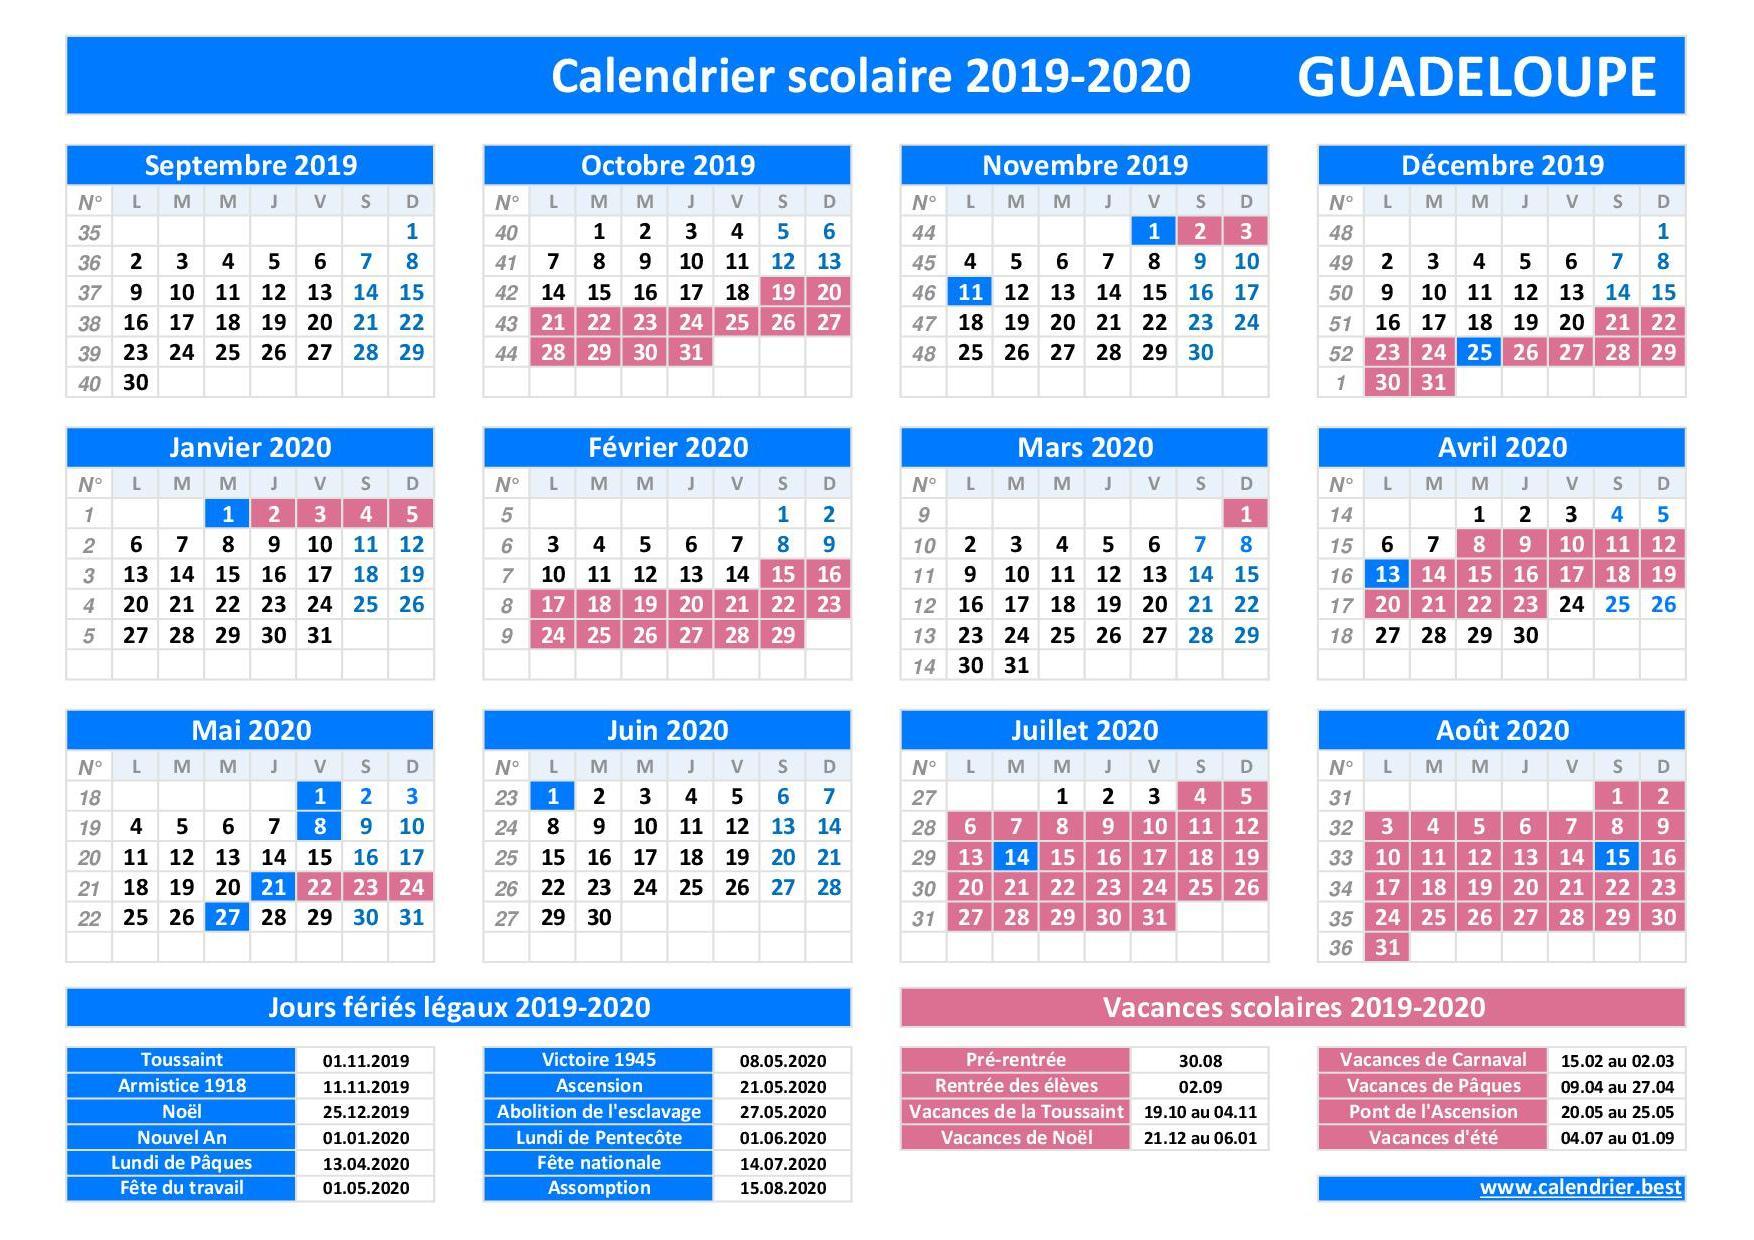 Vacances scolaires académie de Guadeloupe